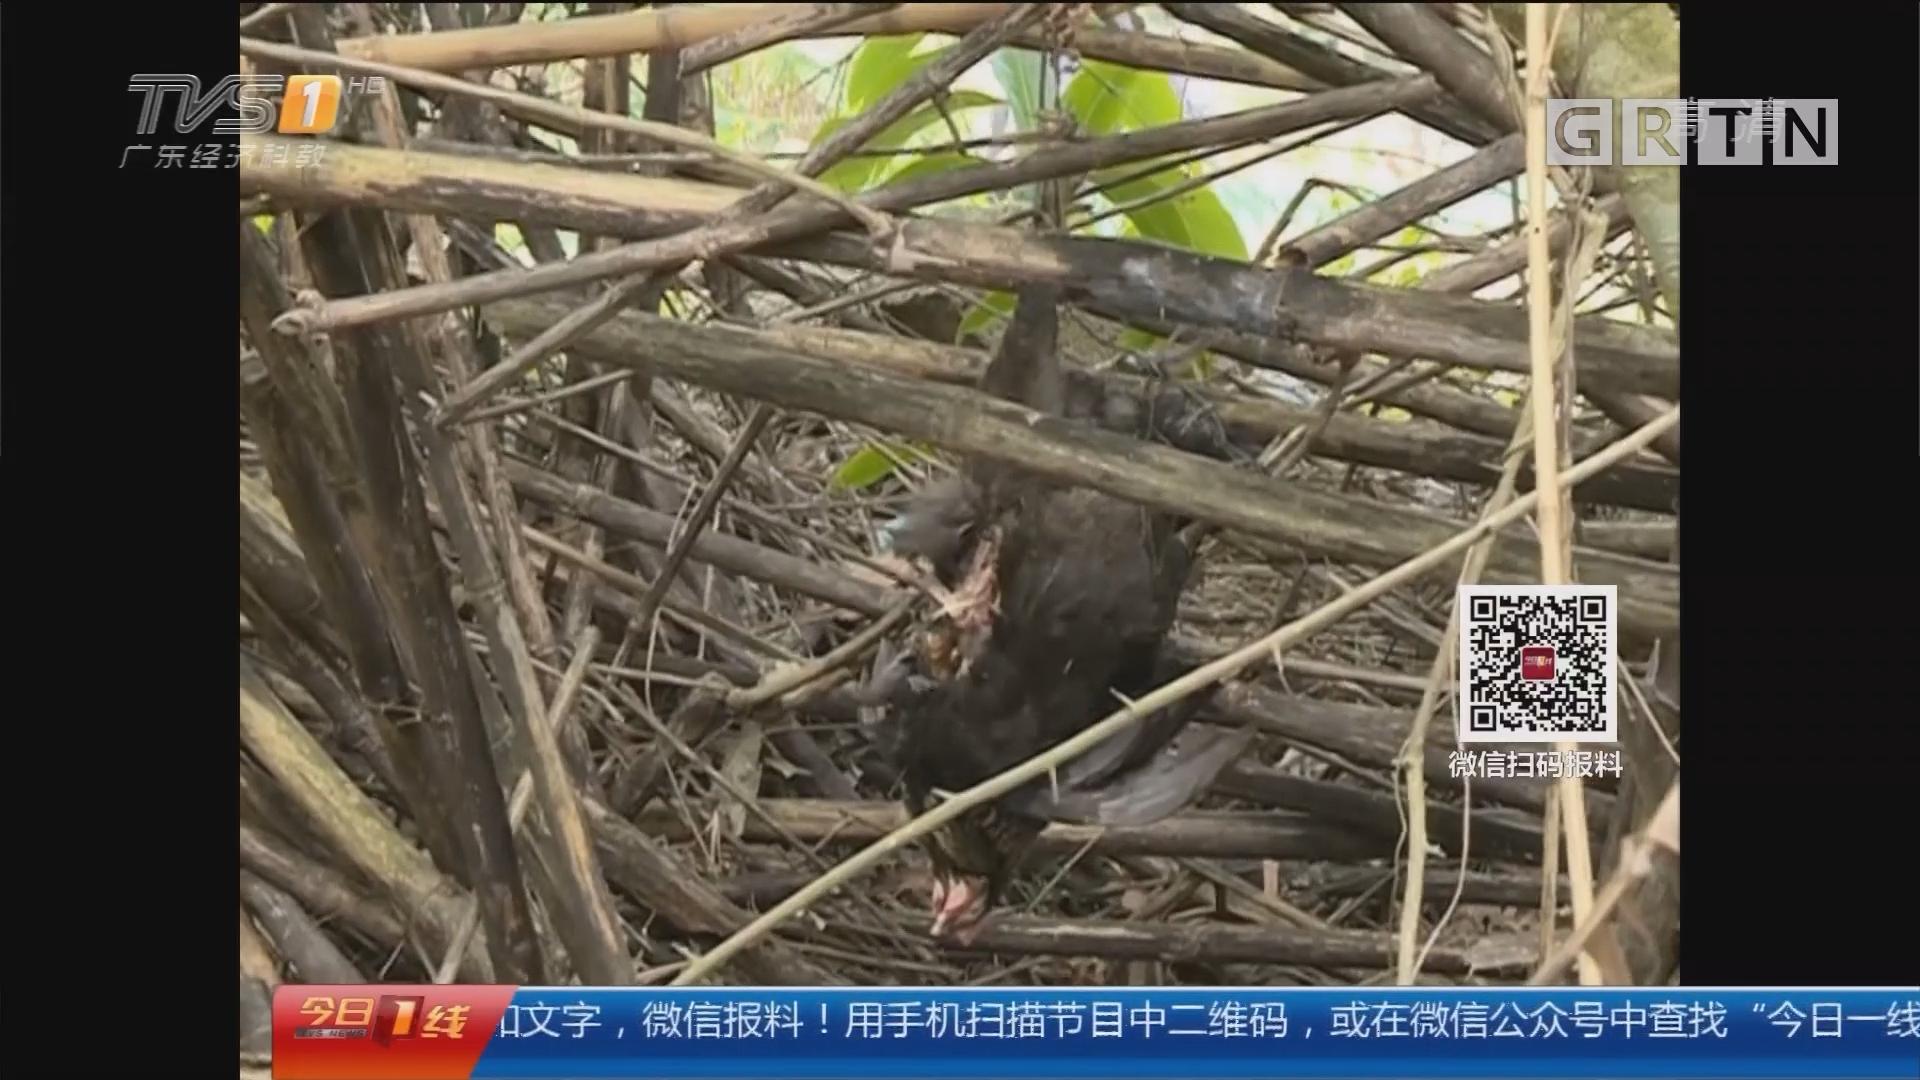 深圳大鹏新区:连续有鸡被捕杀 放置捕兽夹